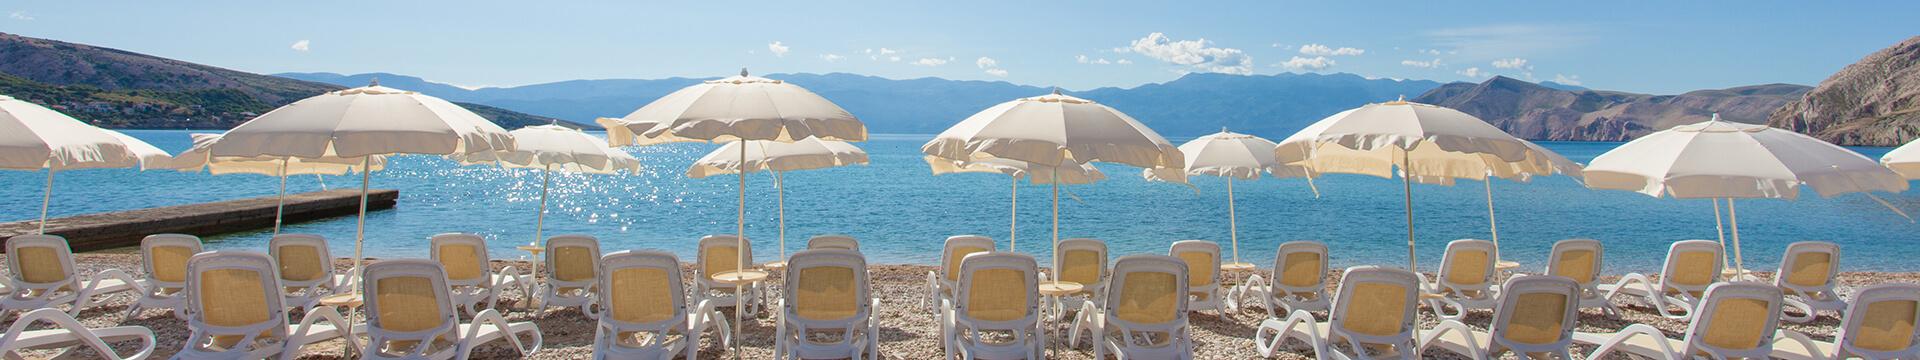 Baška Beach Camping Resort (Ex. Zablaće) postaje bogatiji za novi bazenski kompleks u 2019.